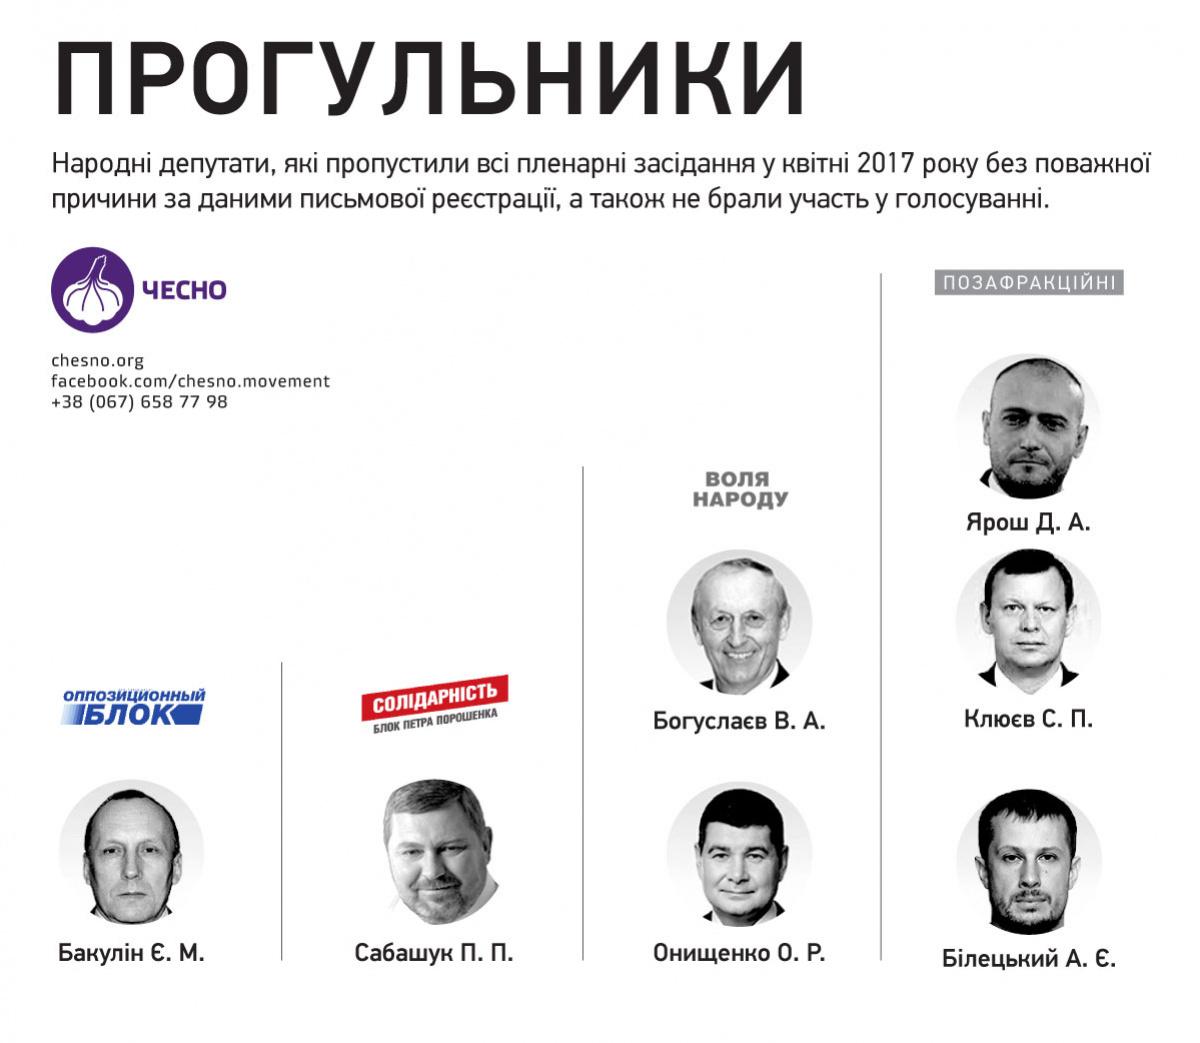 ВЧесно назвали депутатов, которые пропустили все совещания Рады ксередине весны